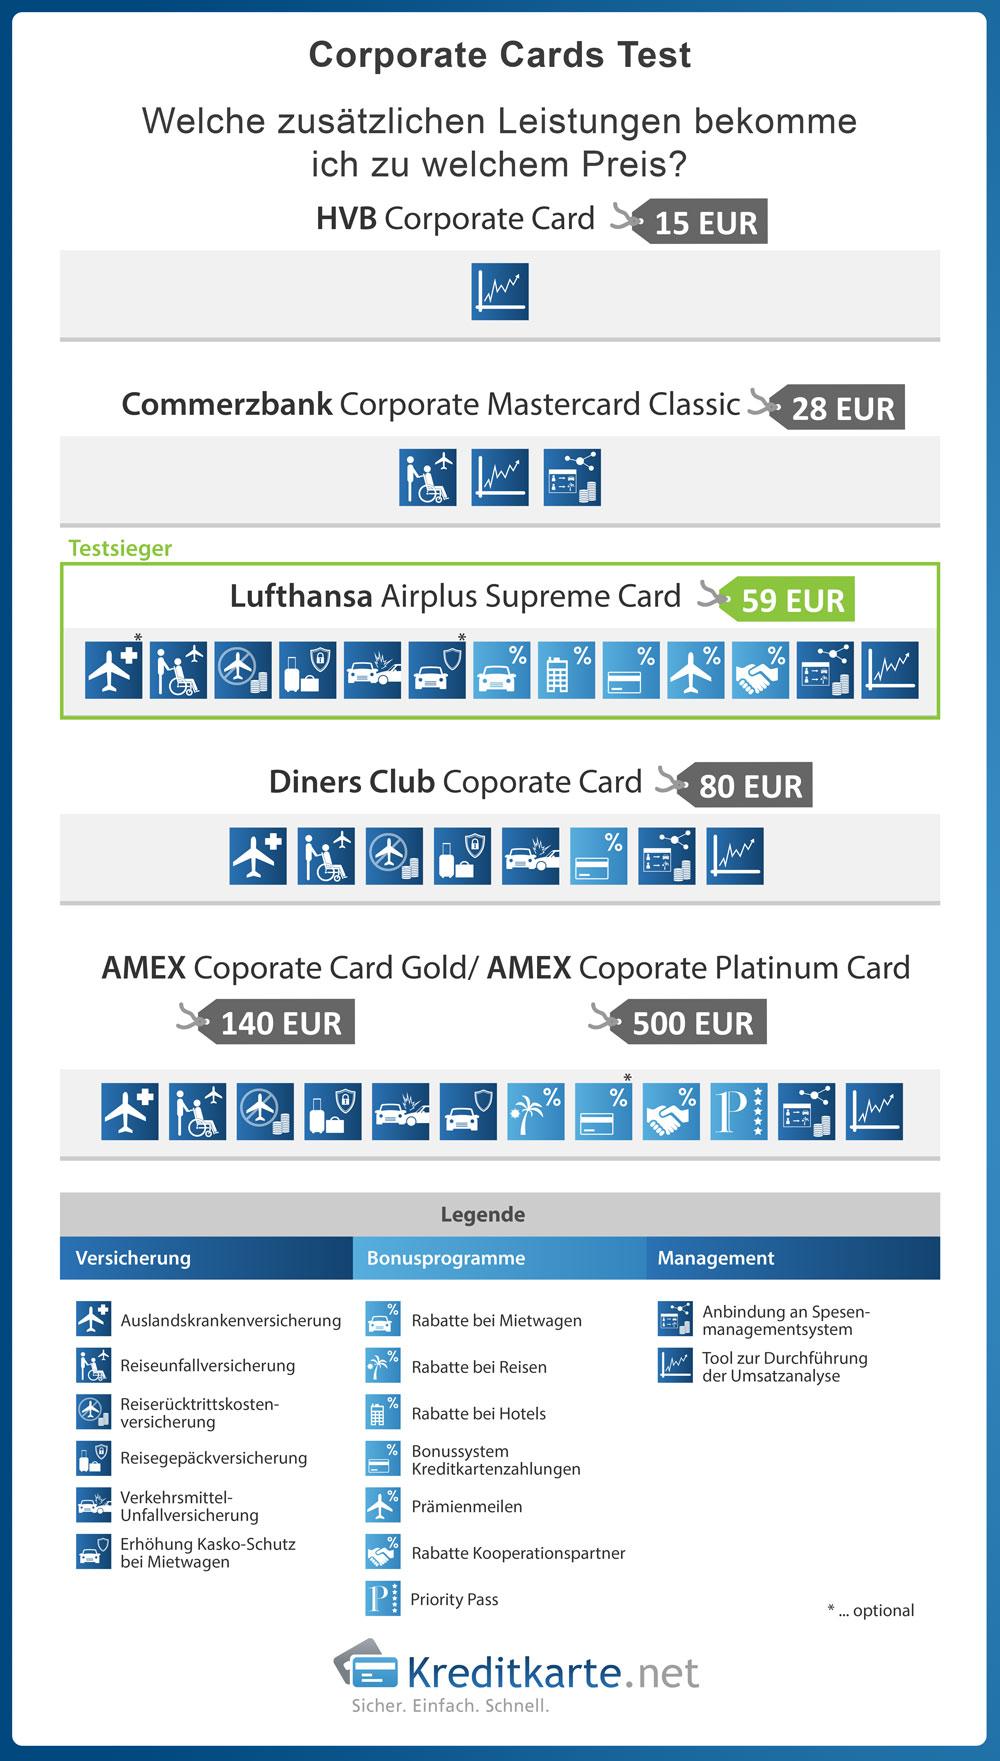 Welche Leistungen hat die 15€ Karte im Vergleich zur 500€ Corporate Card?